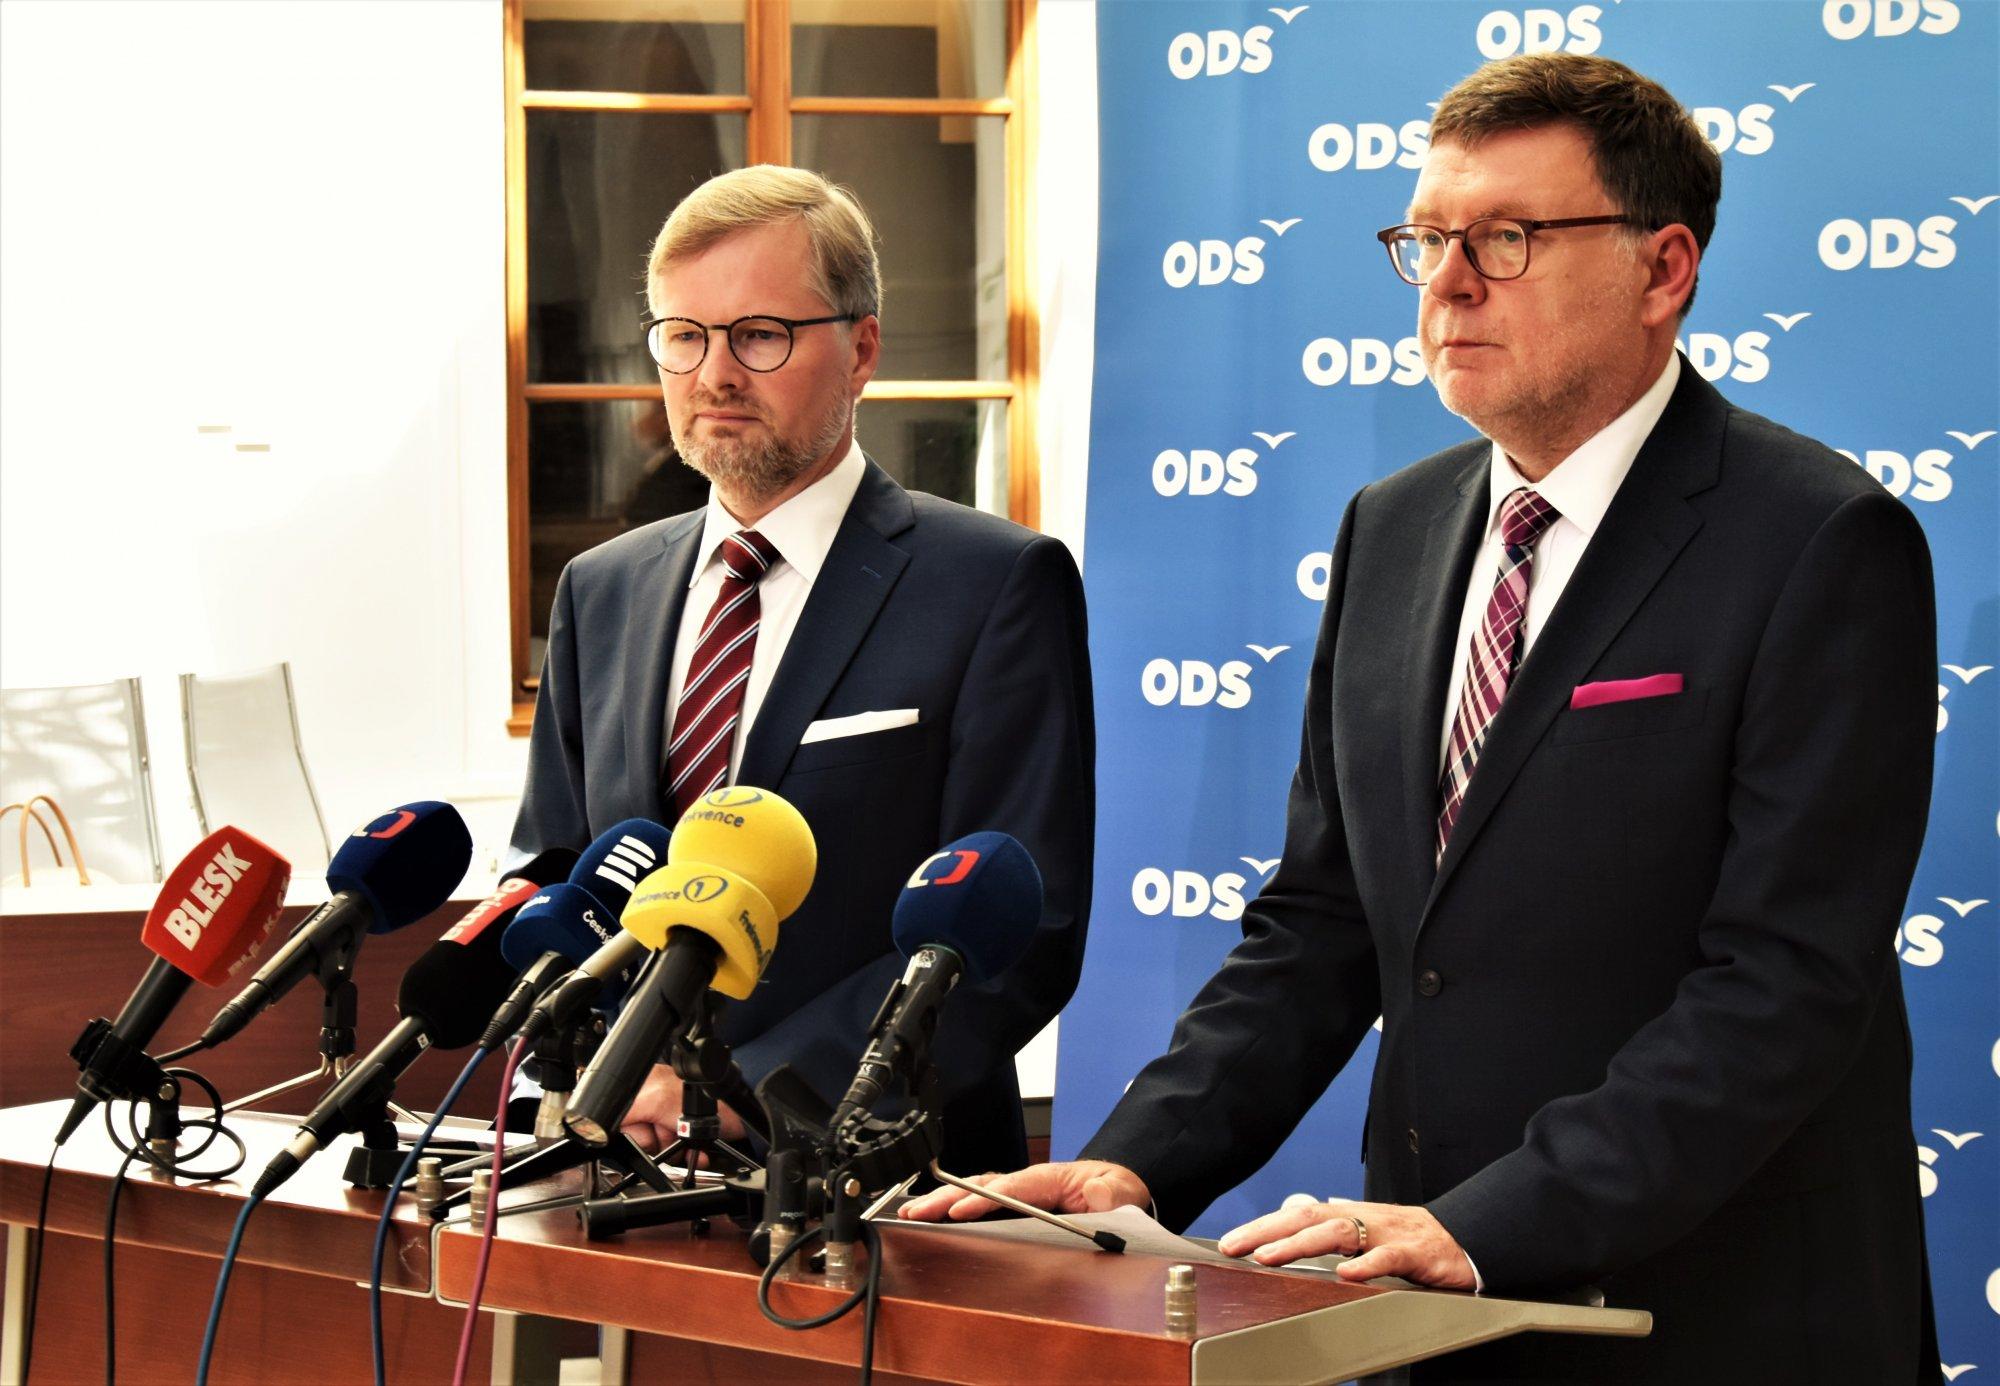 ODS: Od premiéra Babiše slyšíme stále jen sliby. My předkládáme zákony, které pomůžou občanům ČR